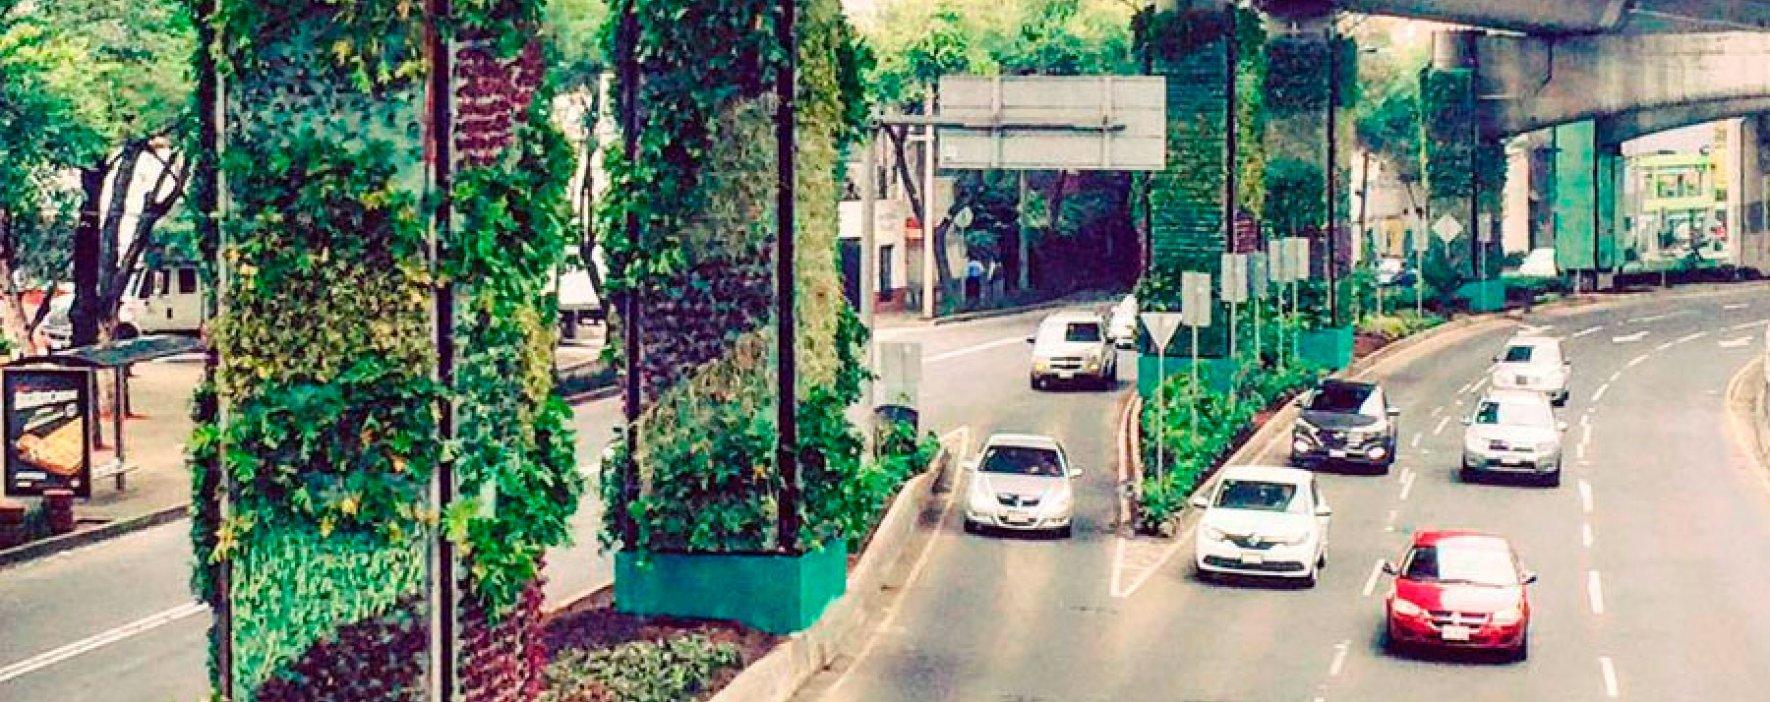 Jardines verticales darán oxígeno a Ciudad de México